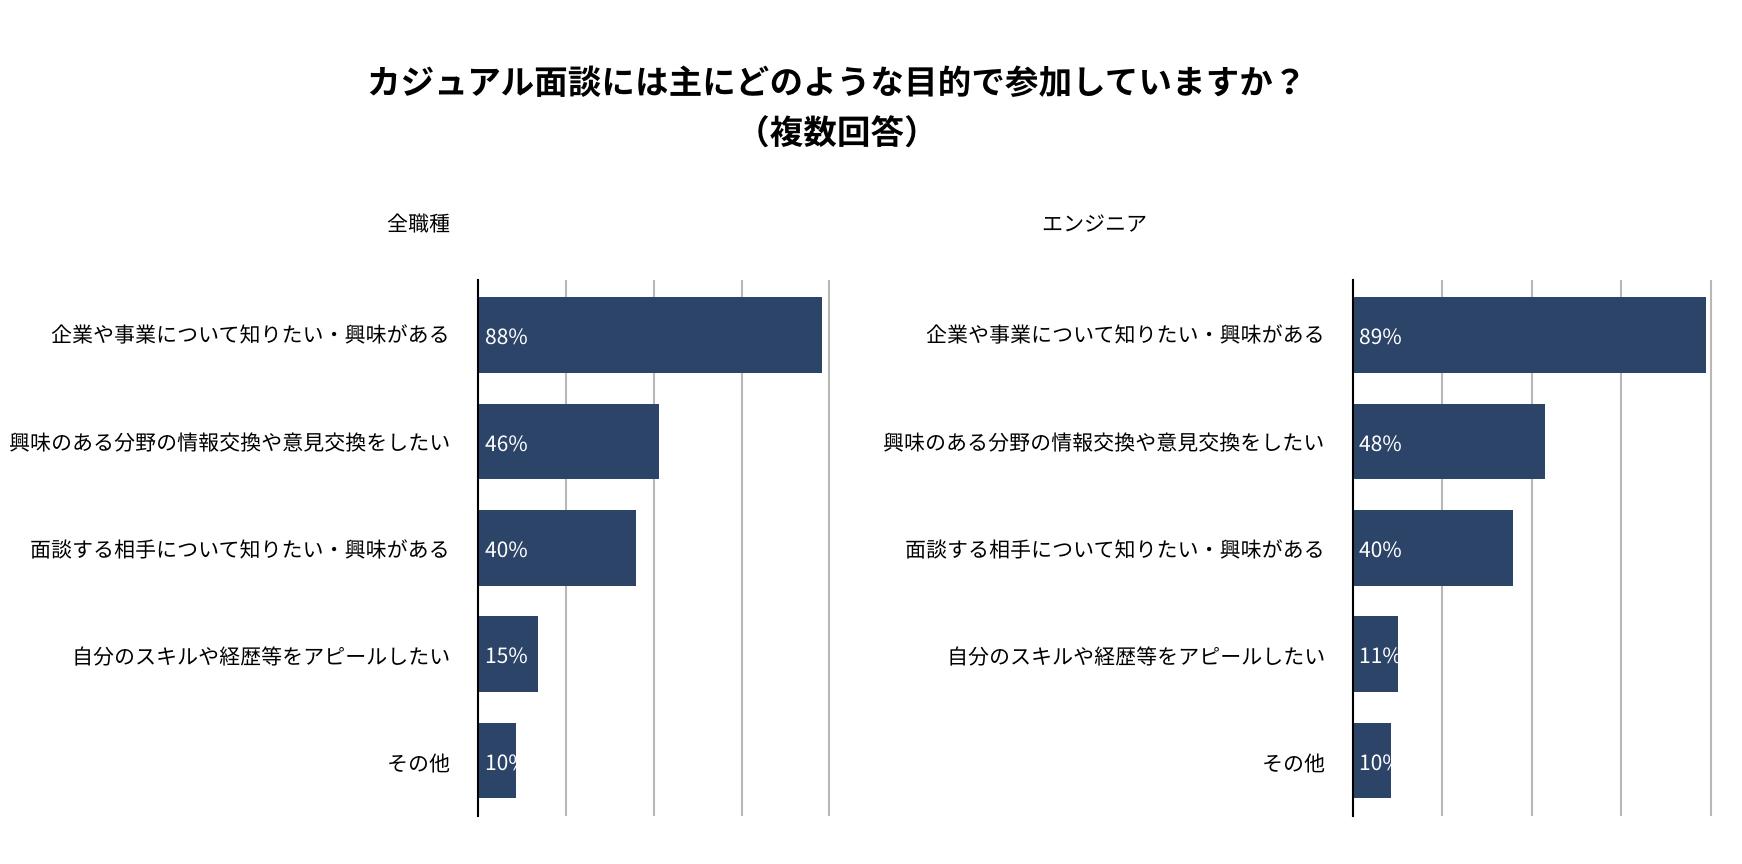 カジュアル面談の参加目的。90%が「企業や事業について知りたい・興味がある」